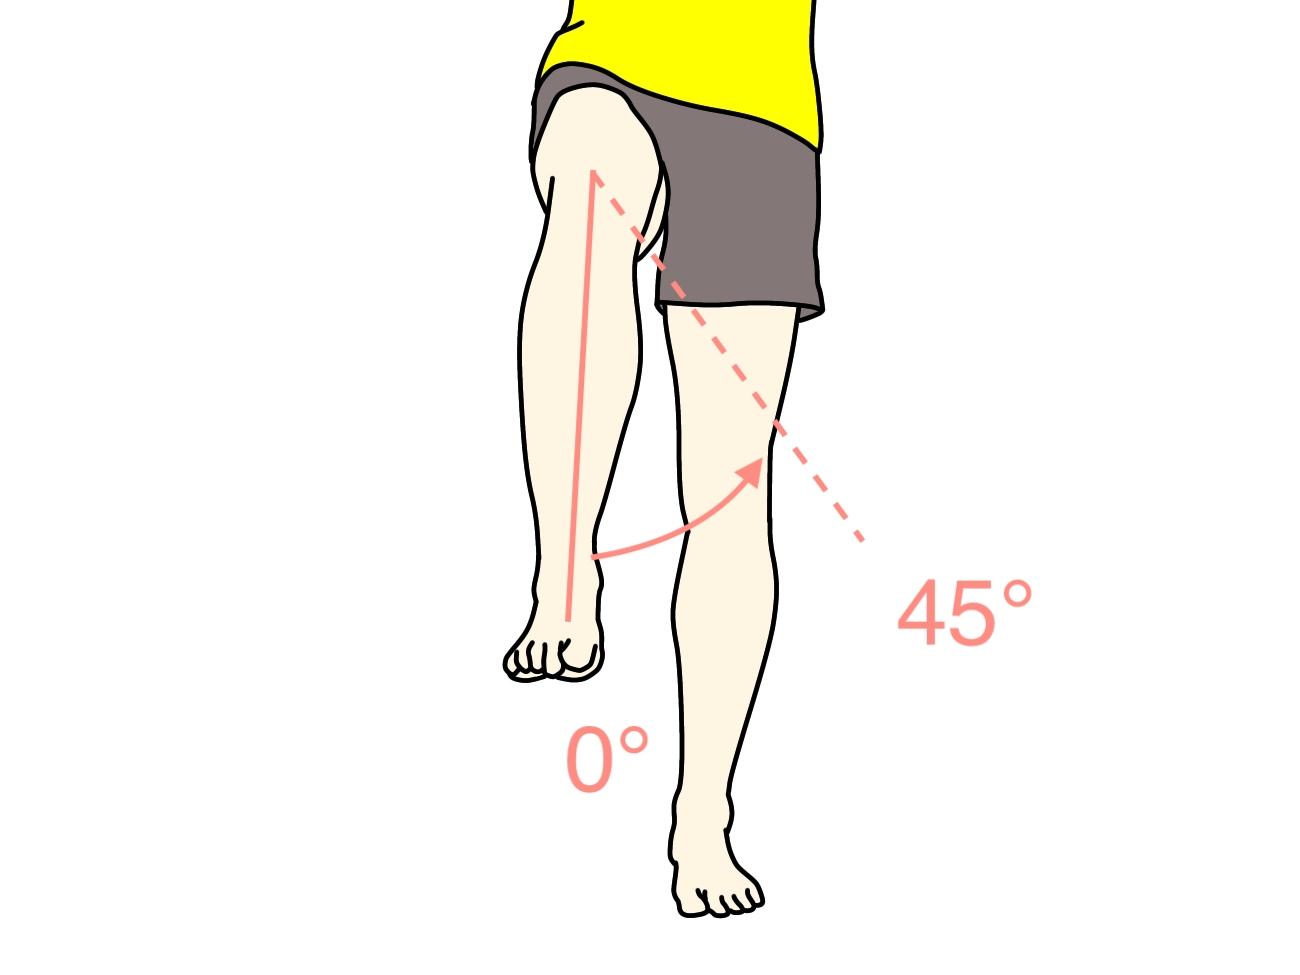 太ももを外へ捻る動作(股関節の外旋)の関節可動域(ROM)と働く筋肉のまとめ